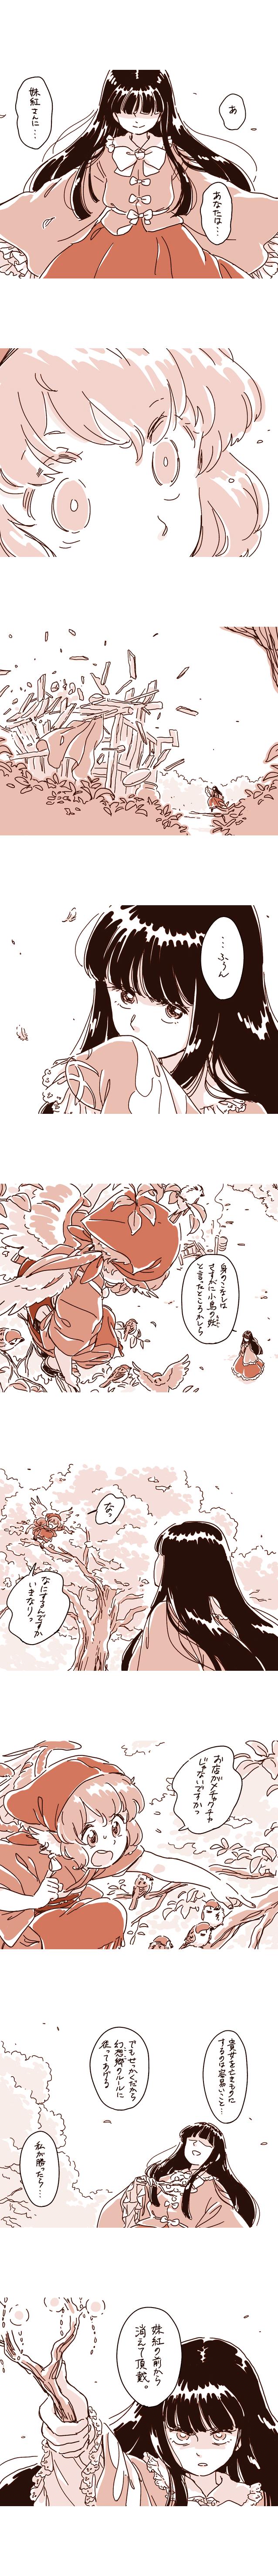 夜雀と不死鳥 その24